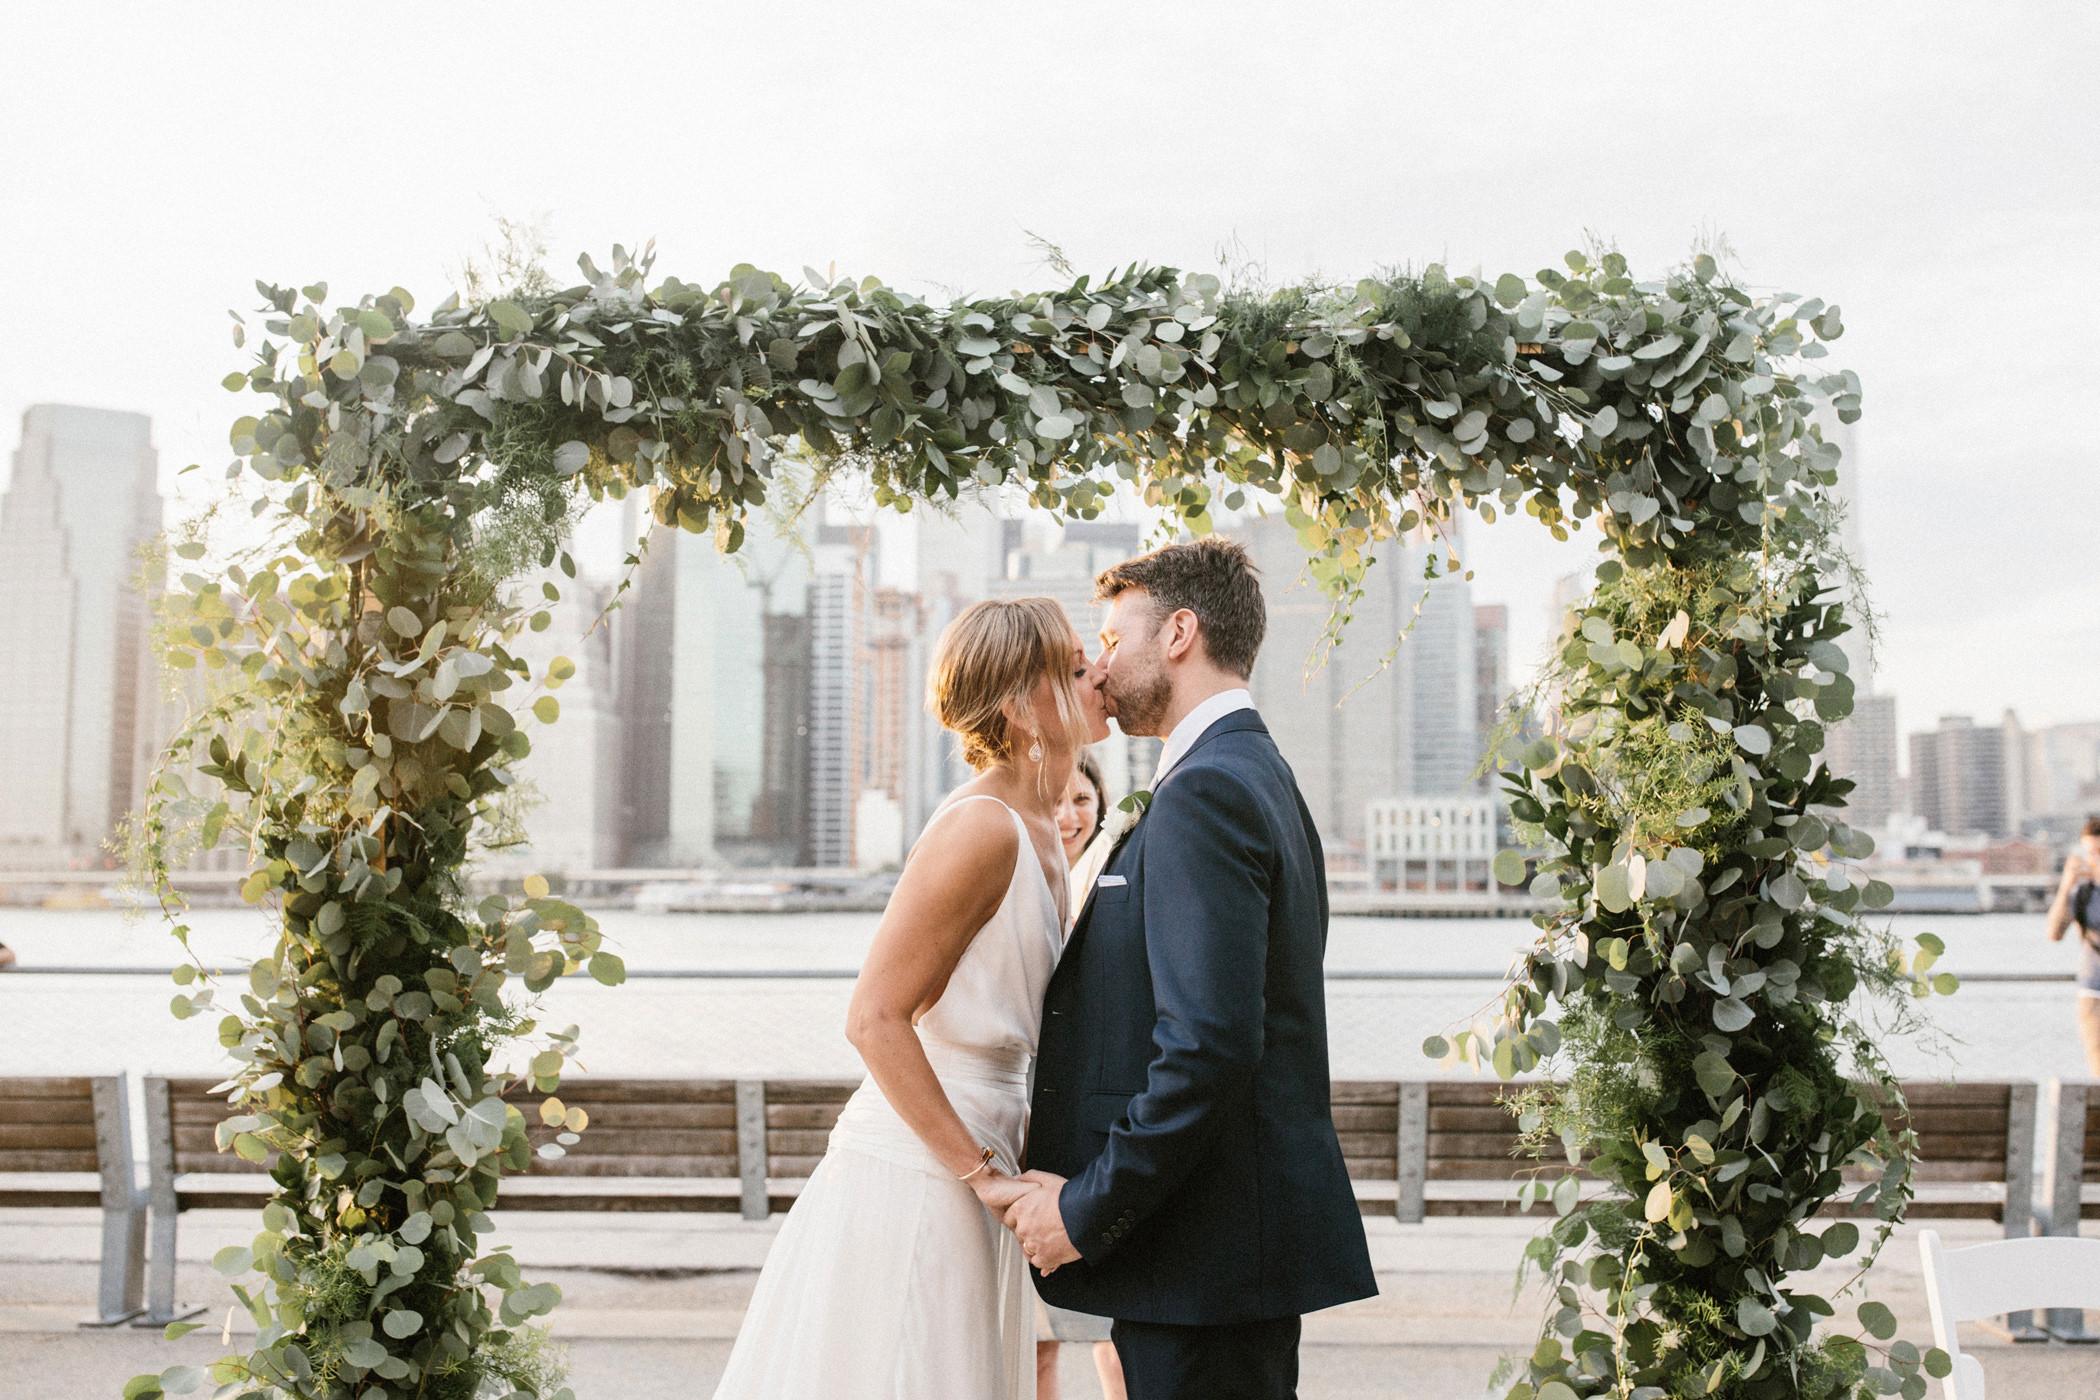 Matt Megan Married 1 Hotel Brooklyn Bridge Wedding Nyc